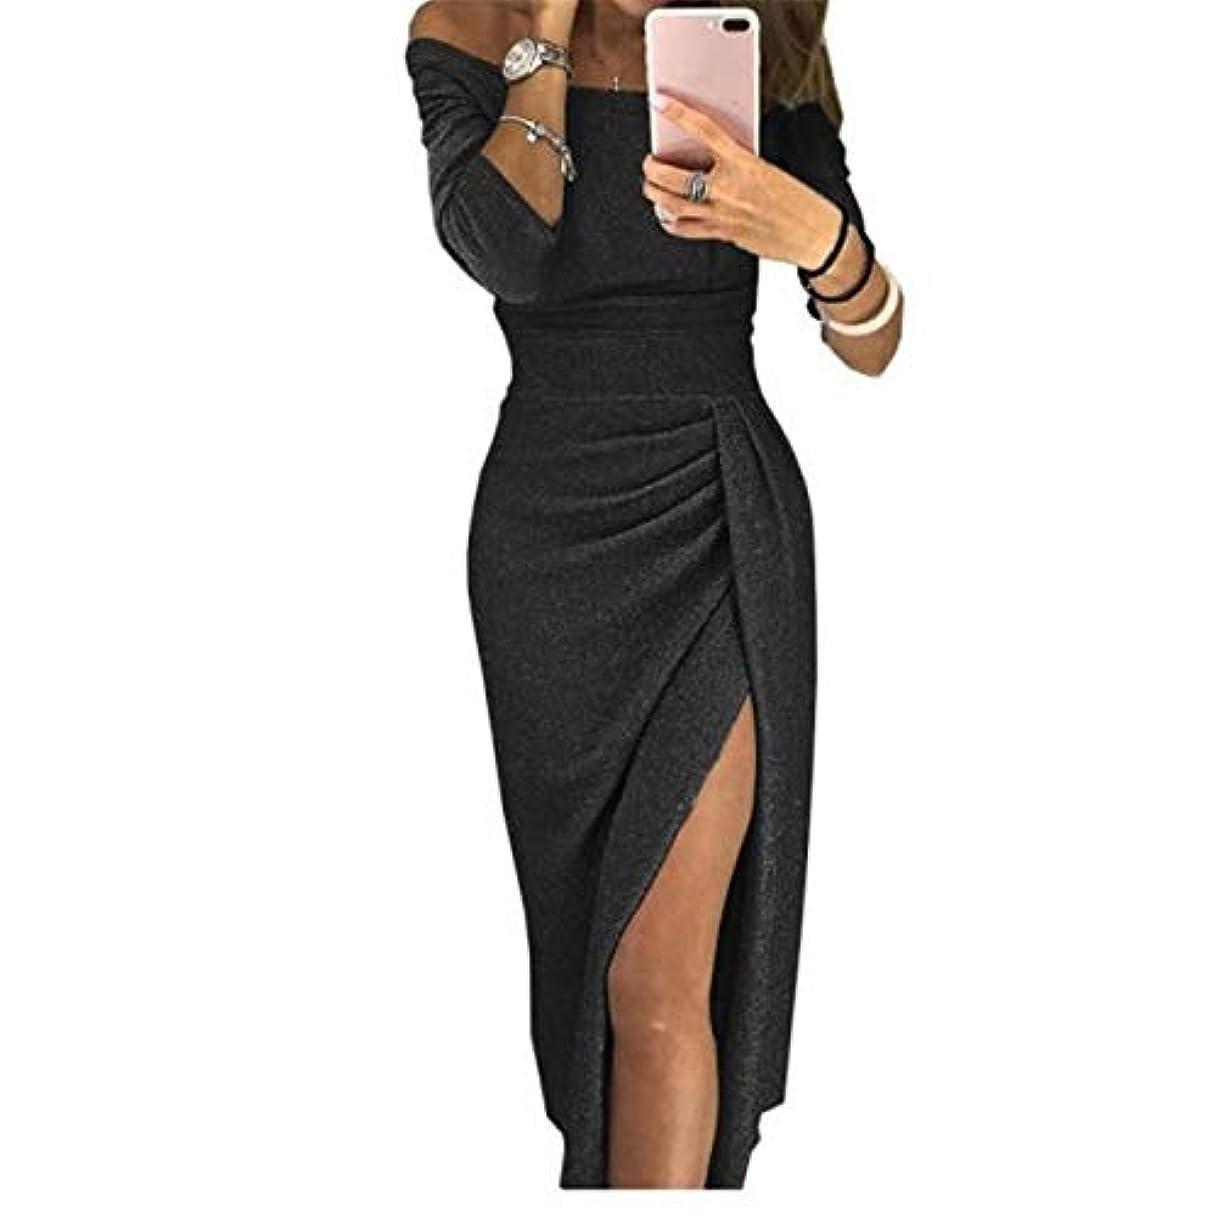 灰つぶすスーパーOnderroa - 夏の女性のドレスはネックパッケージヒップスプリットセクシーなスパンコールのドレスレディース包帯パーティーナイトクラブミッドカーフ服装スラッシュ